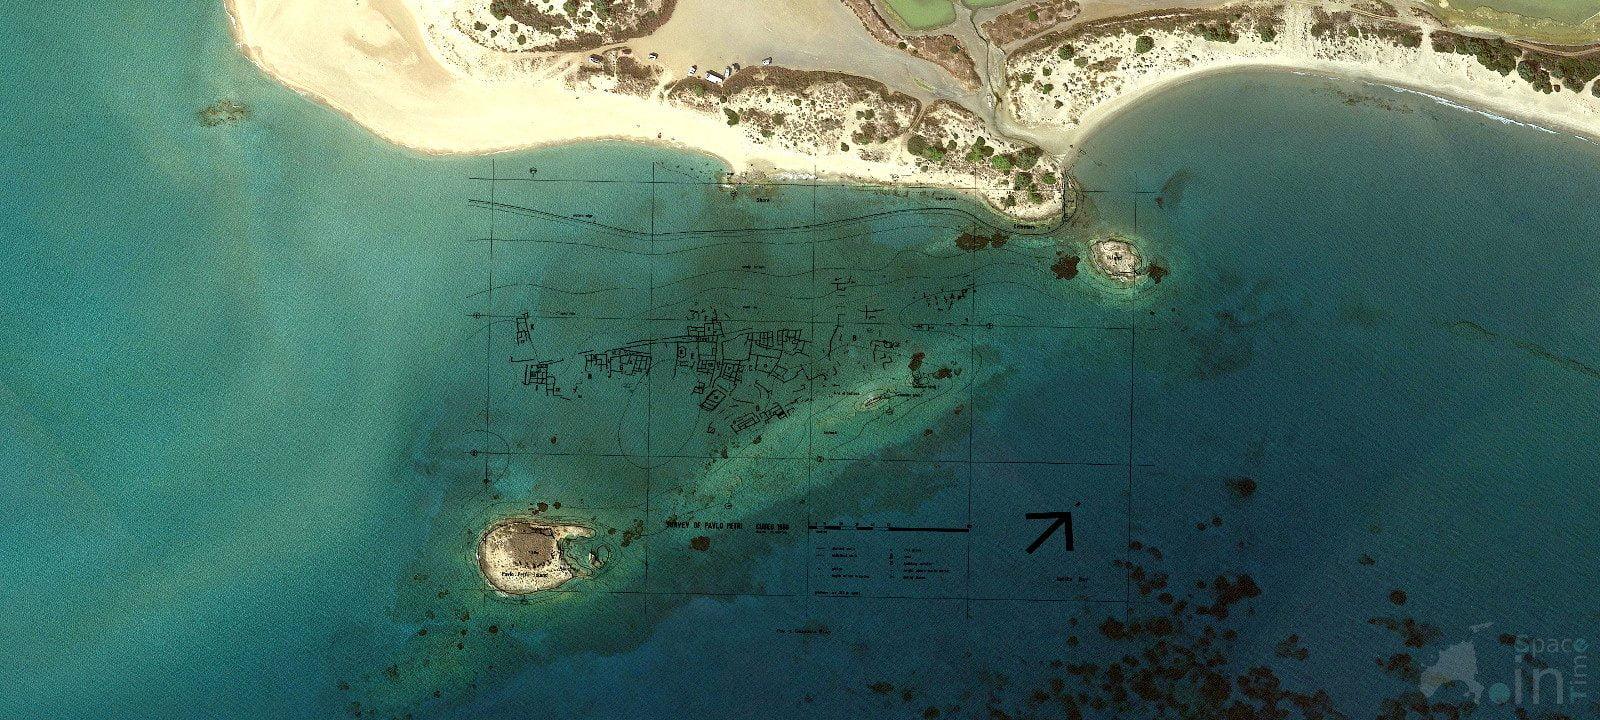 Το Παυλοπέτρι κρύβει την αρχαιότερη βυθισμένη πολη του κόσμου